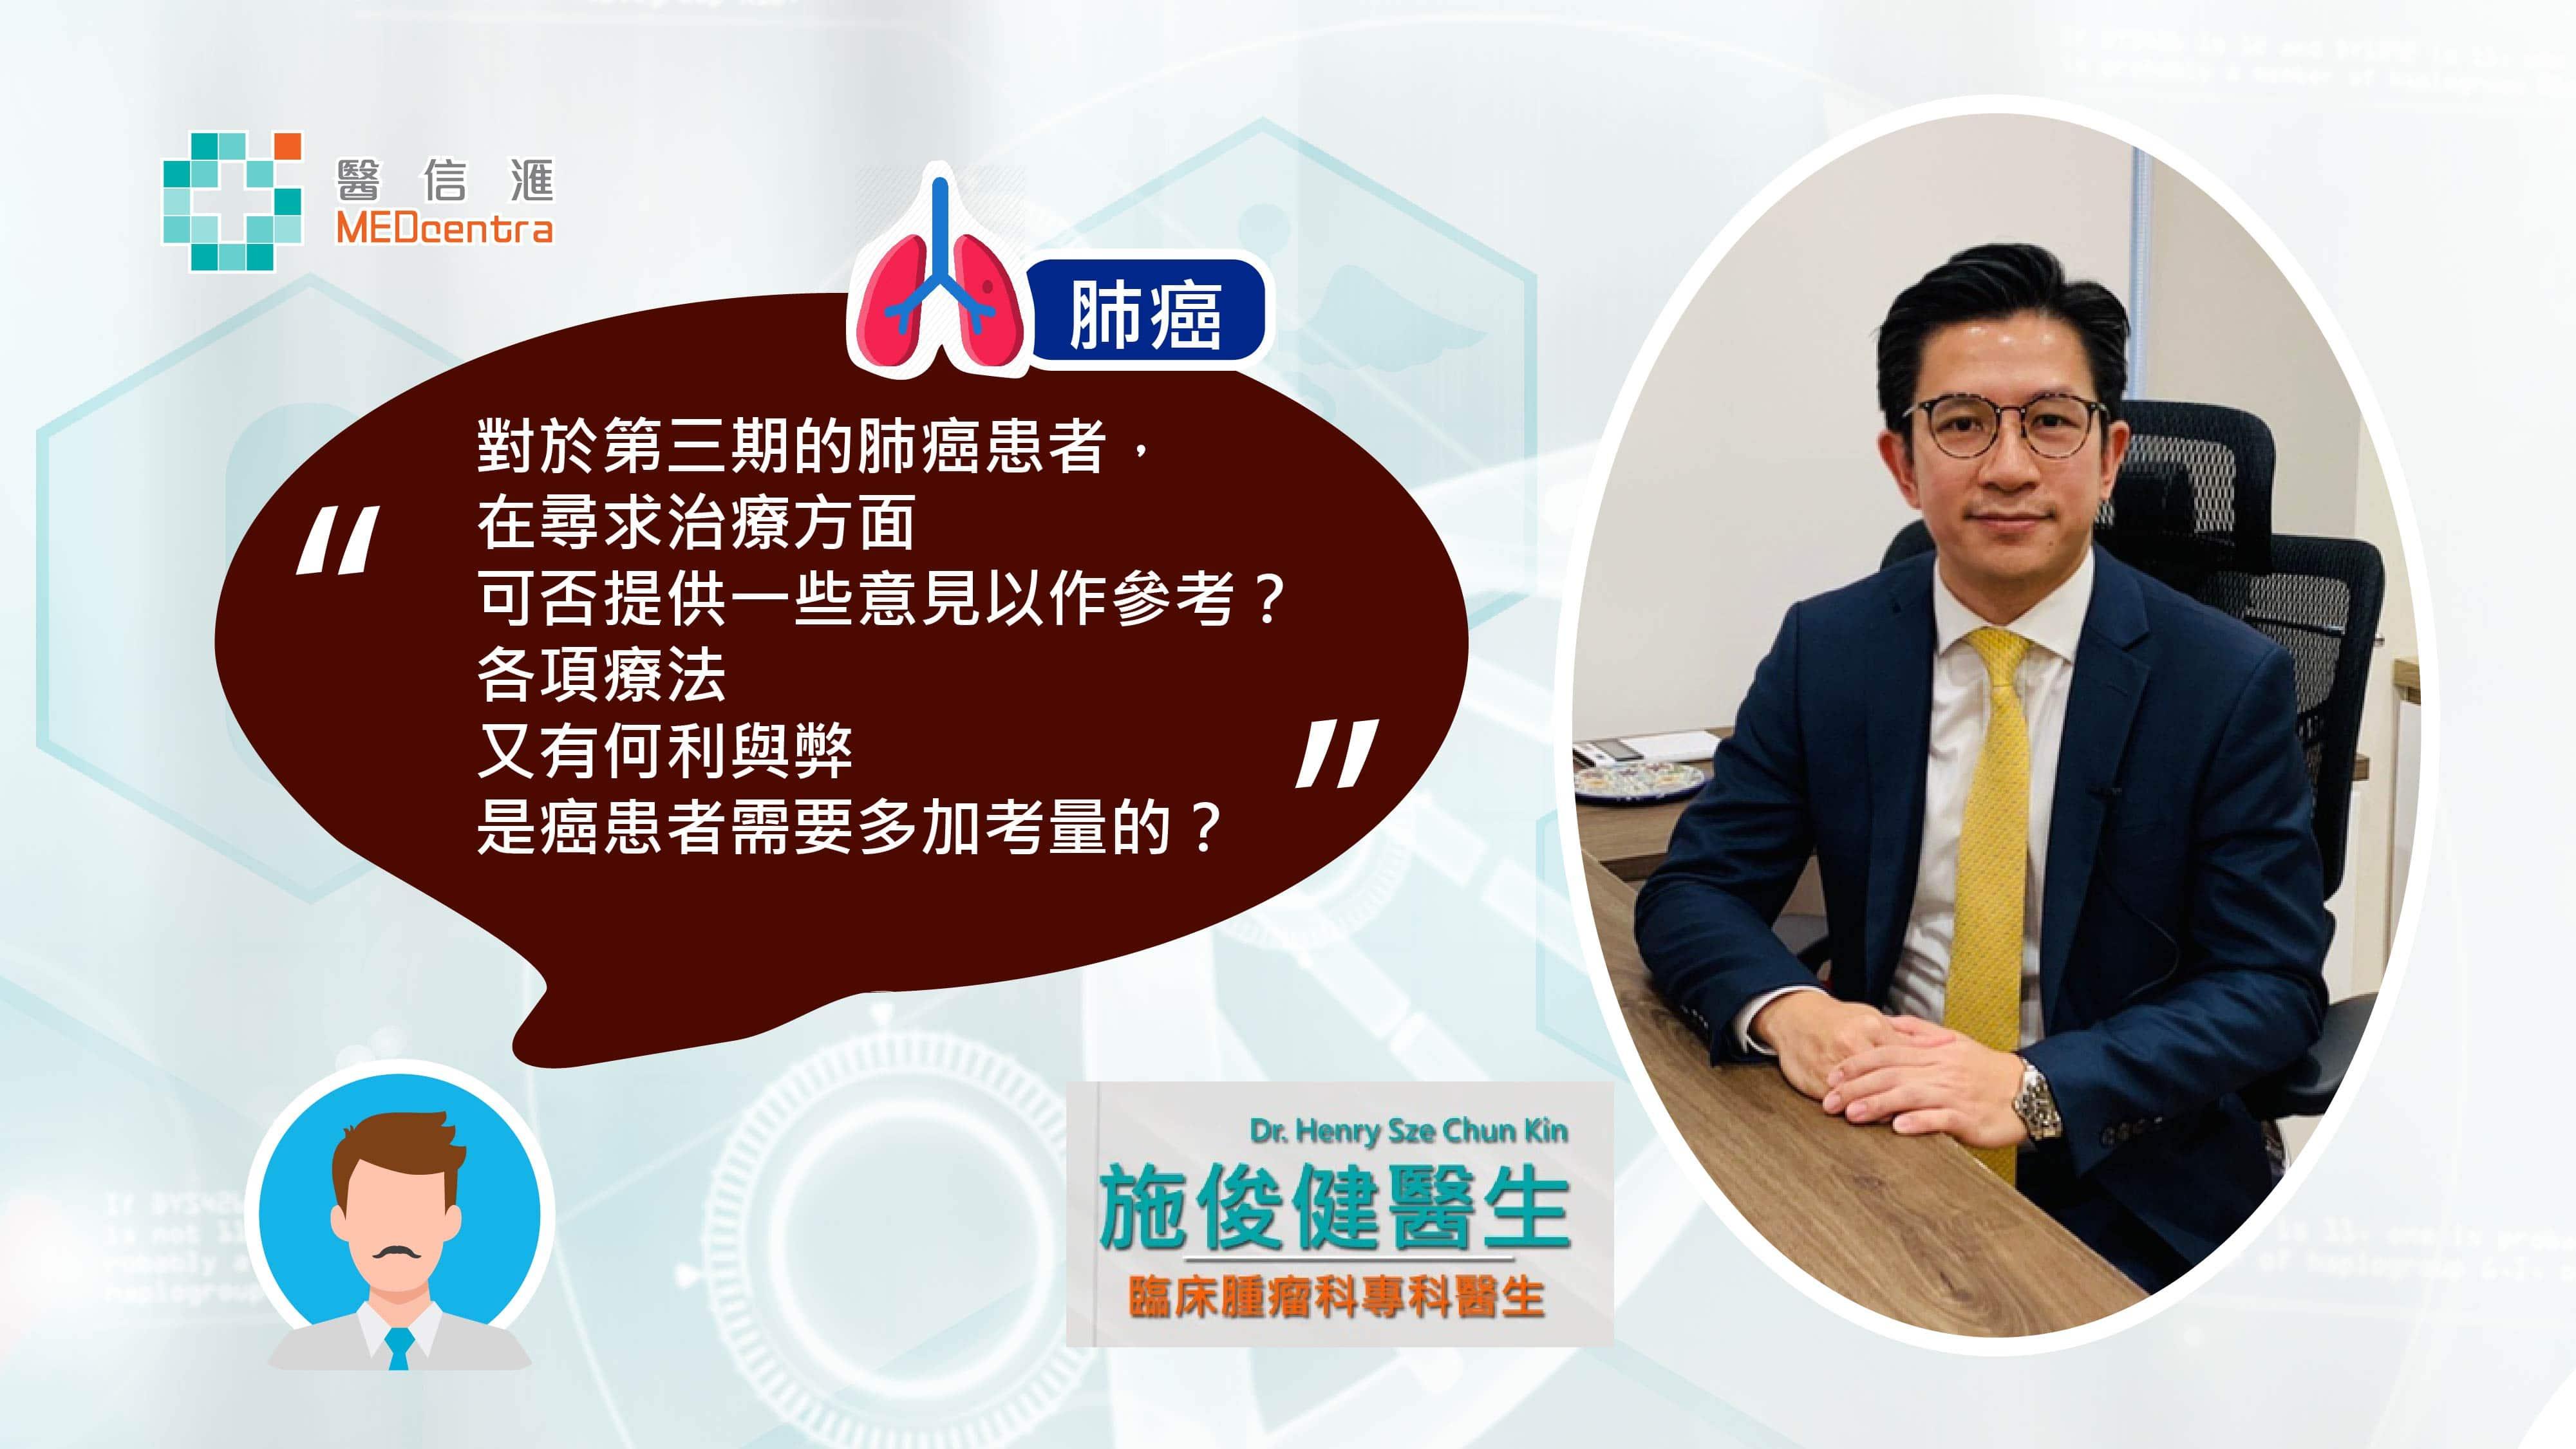 第三期肺癌患者的治療方案: 放射治療、手術、化療、免疫治療